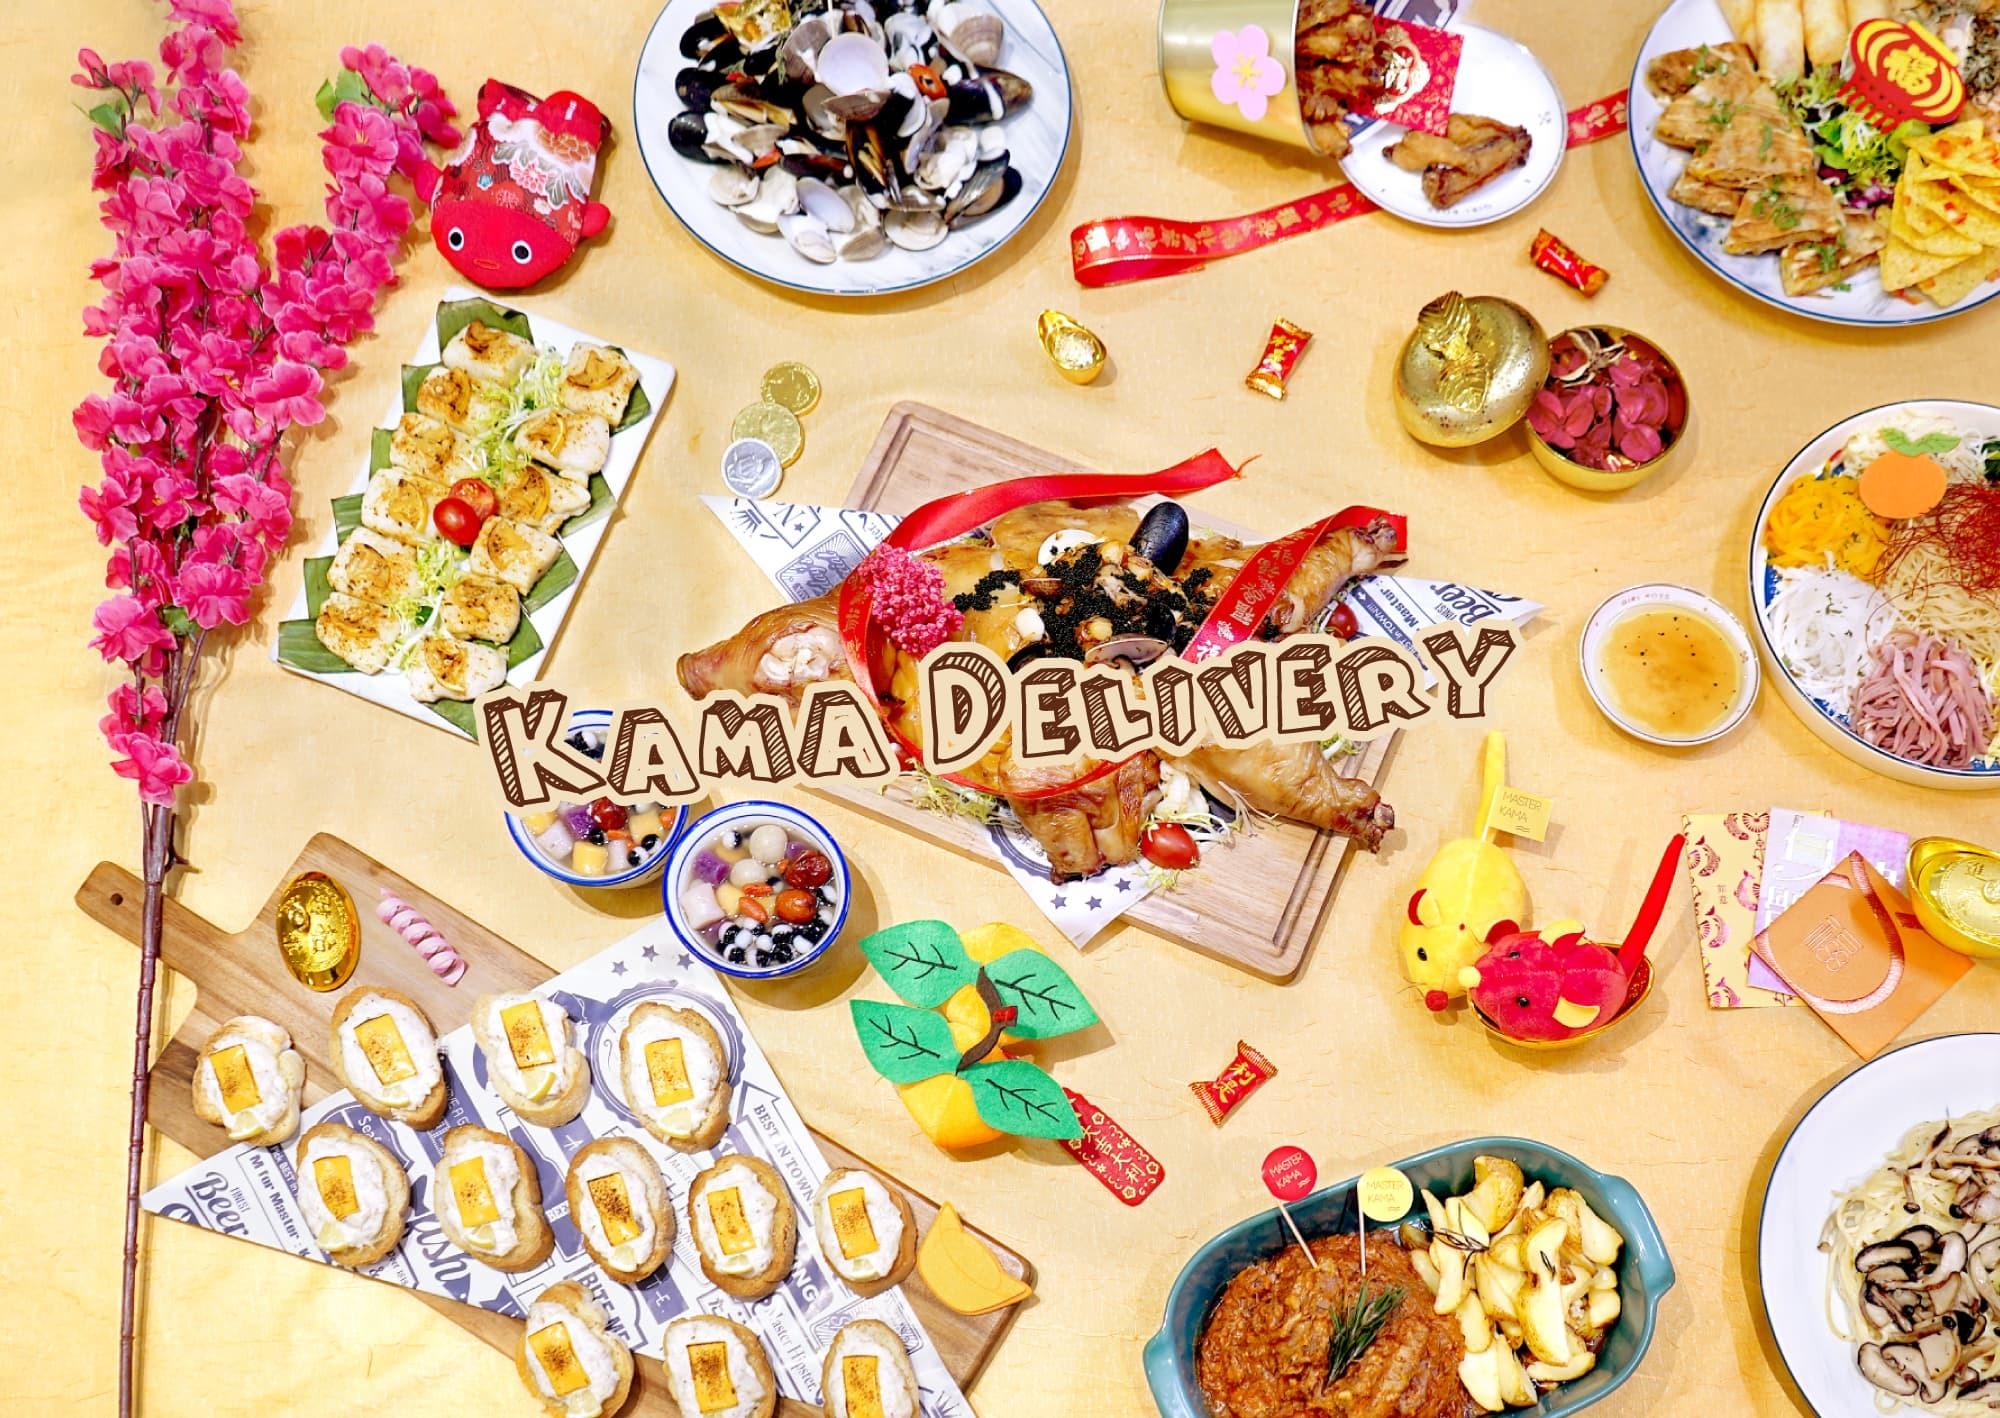 Kama Delivery提供多款賀年到會外賣套餐,主打西式及中西Fusion賀年菜式,適合於團年飯、拜年飯、春茗、開年飯、團拜、年夜飯等場合享用,並專享免運費等各種優惠。